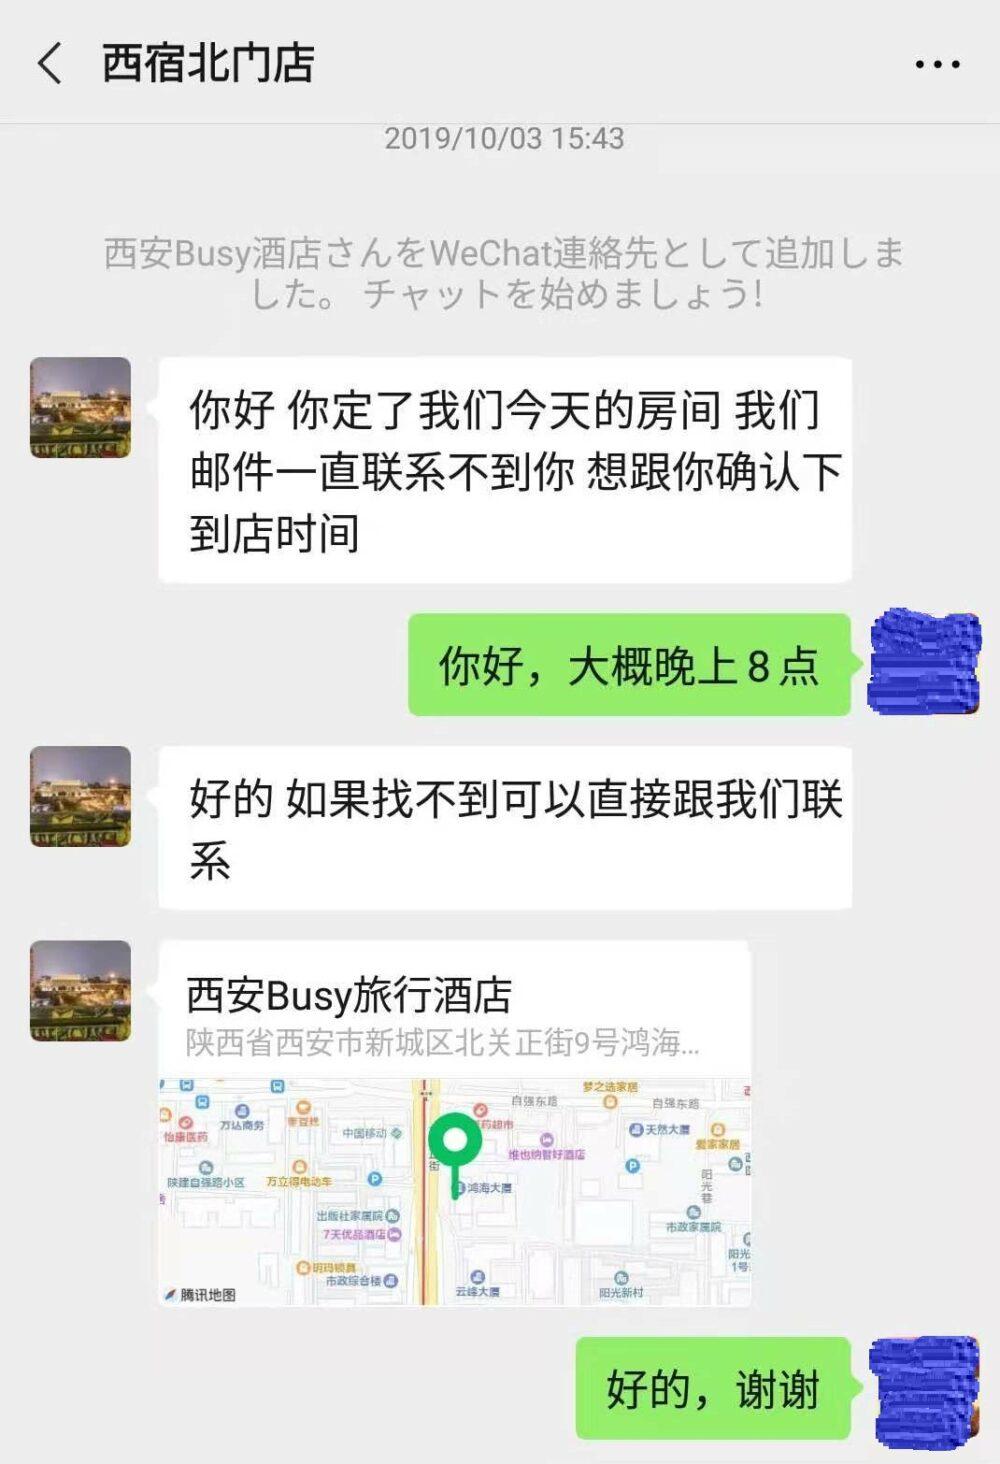 中国のホテルからWeChatの申請が来た時の会話の写真